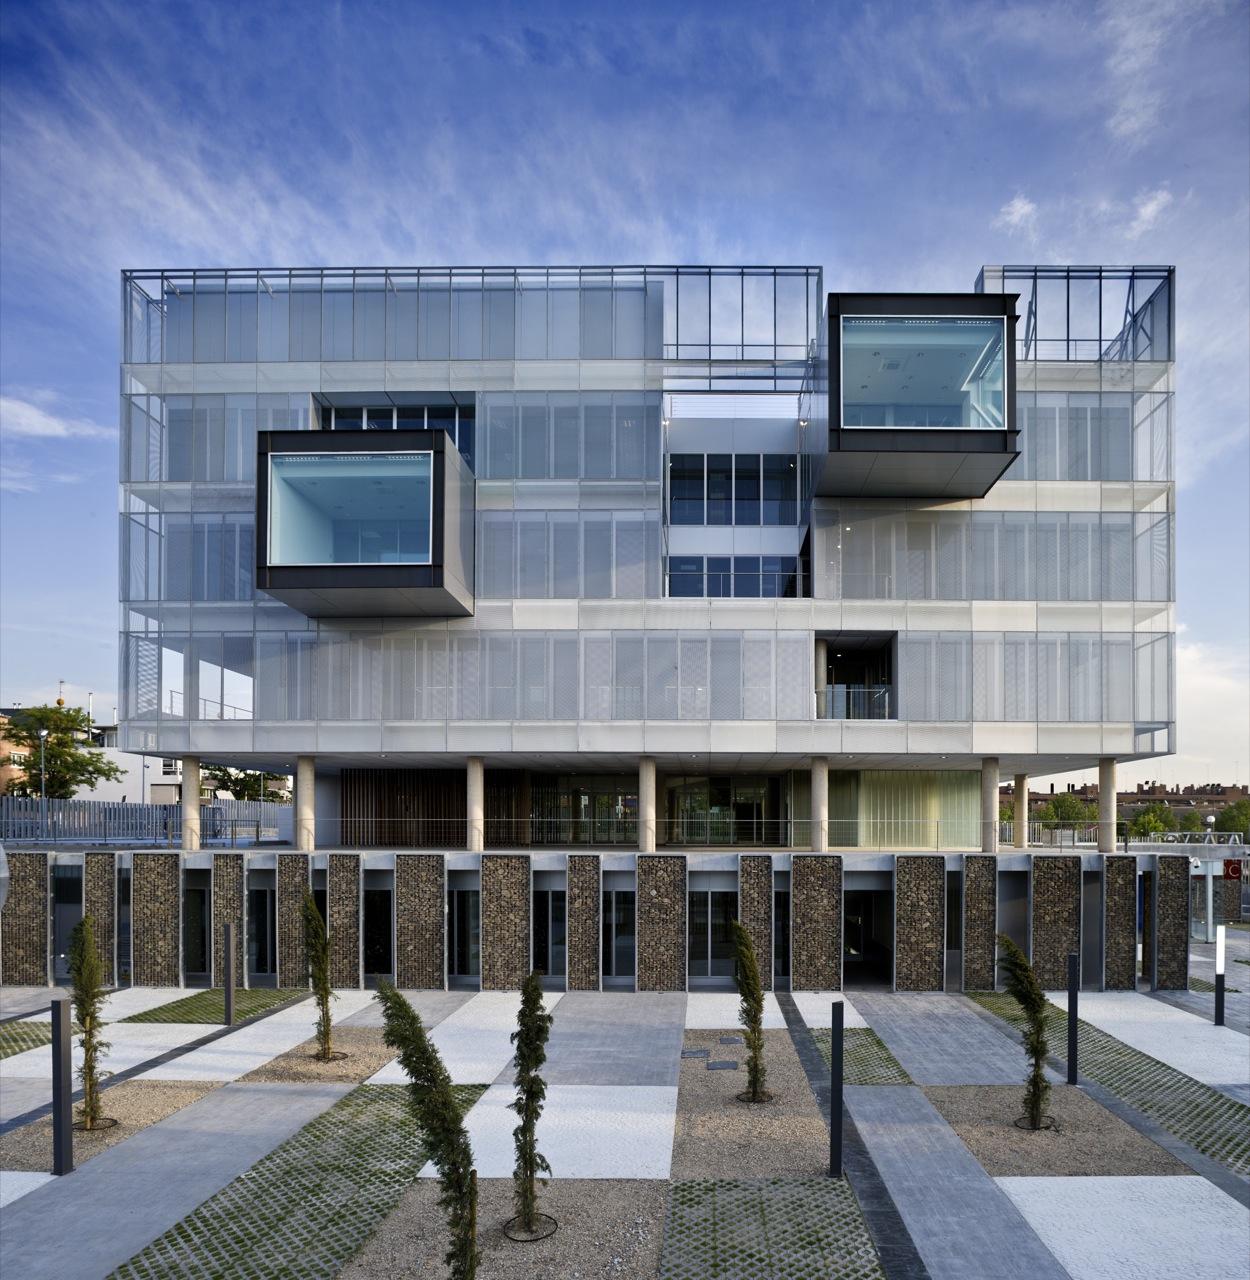 Technal na nova Estação Fuencarral-El Pardo / VOLUAR Arquitectura, © Ángel Baltanás